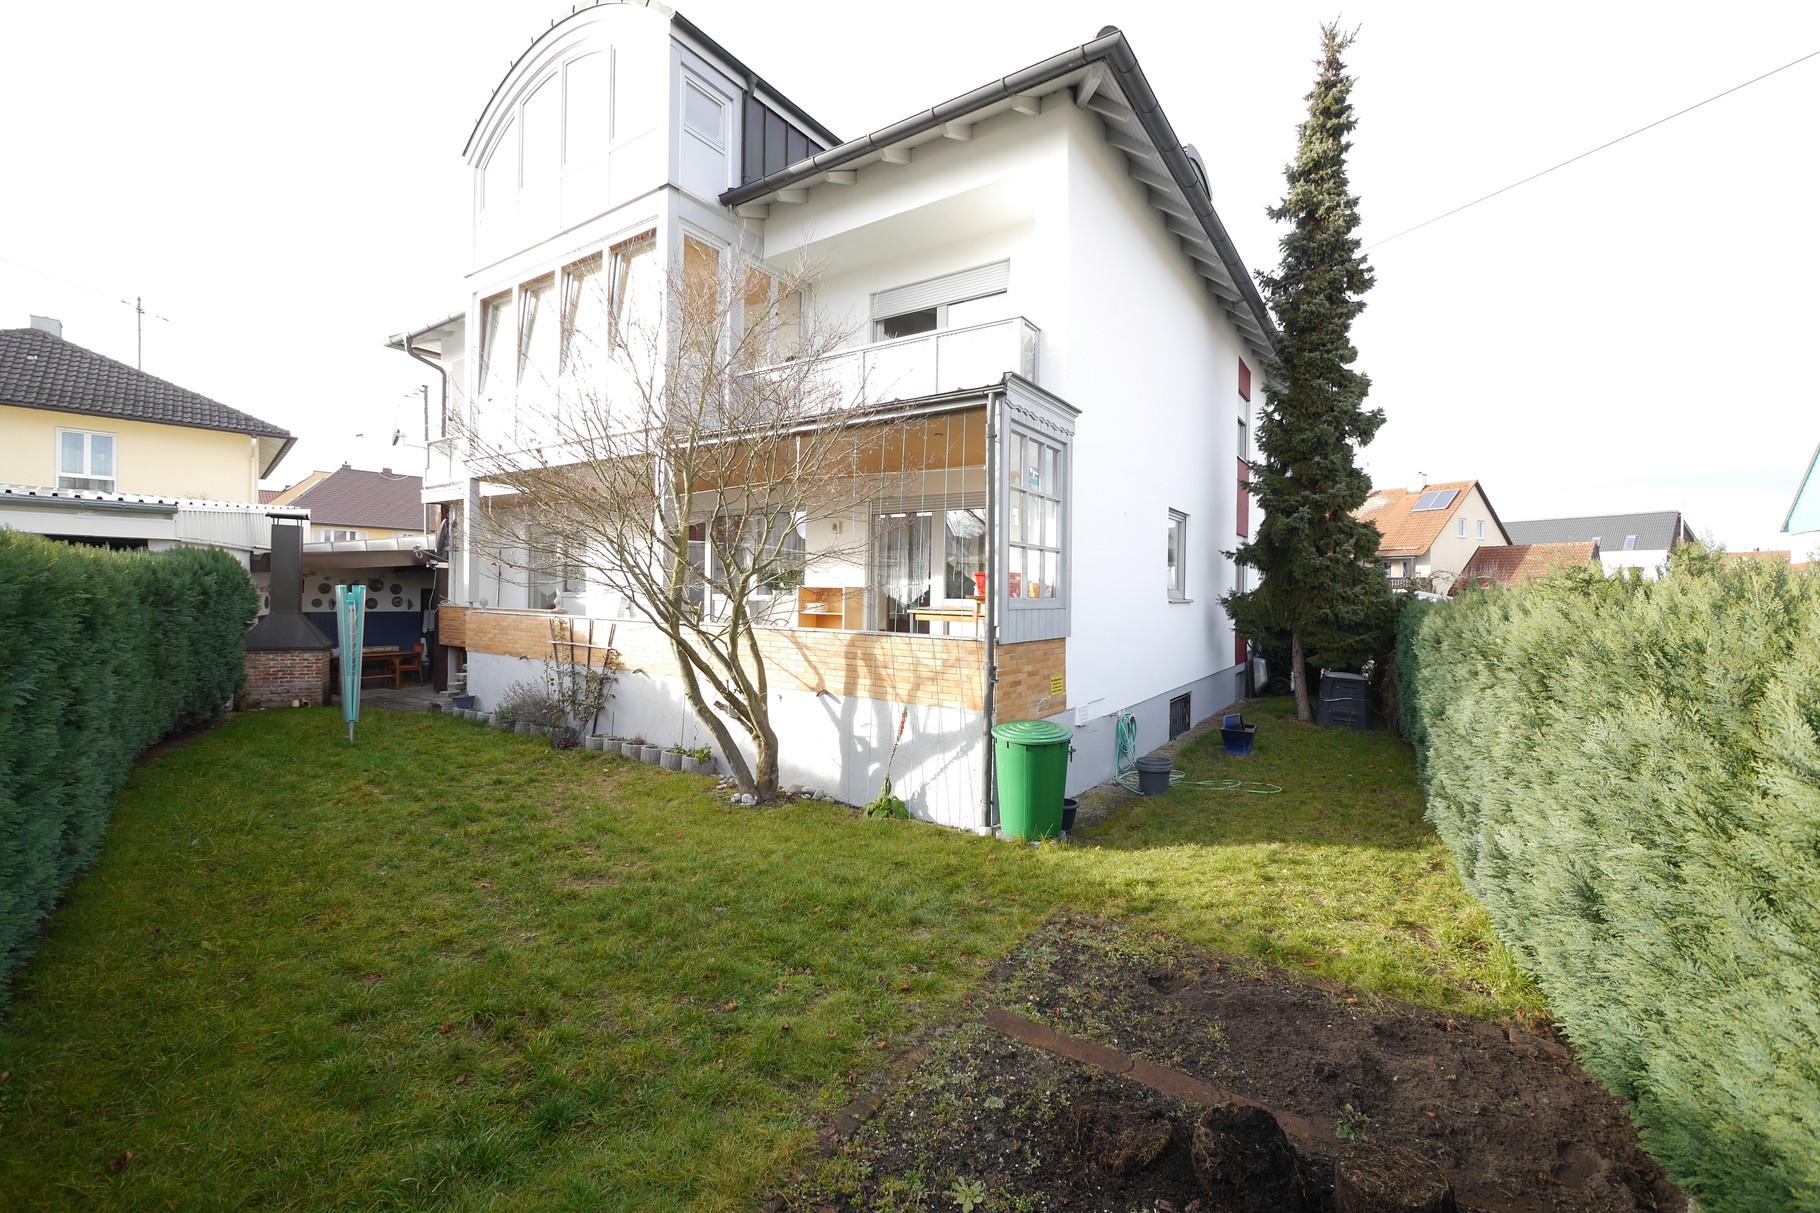 4-Zimmer-Gartenwohnung in 85229 Markt Indersdorf